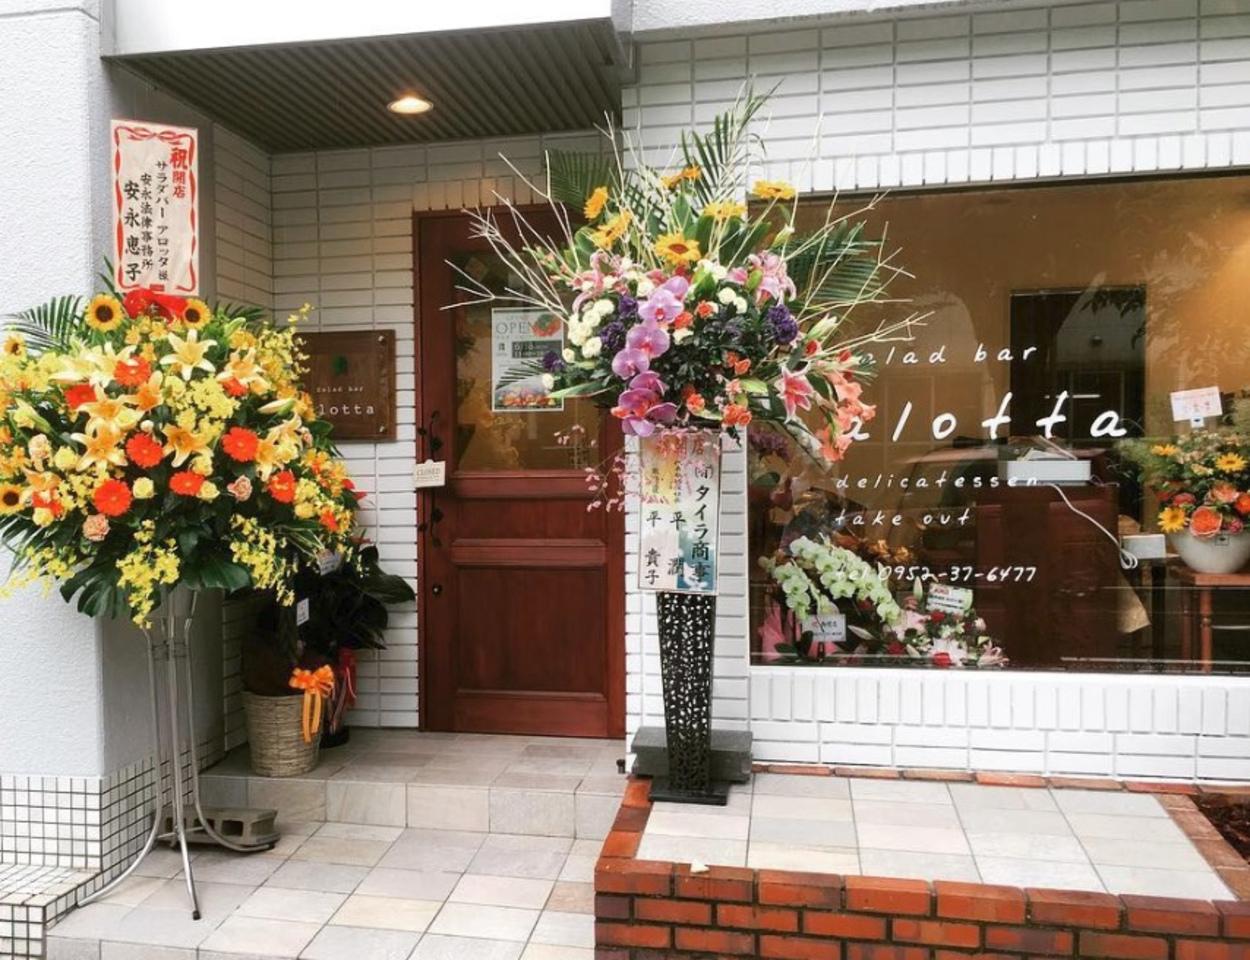 佐賀駅近くにサラダ・お惣菜テイクアウト専門店『サラダ バル アロッタ』オープン。